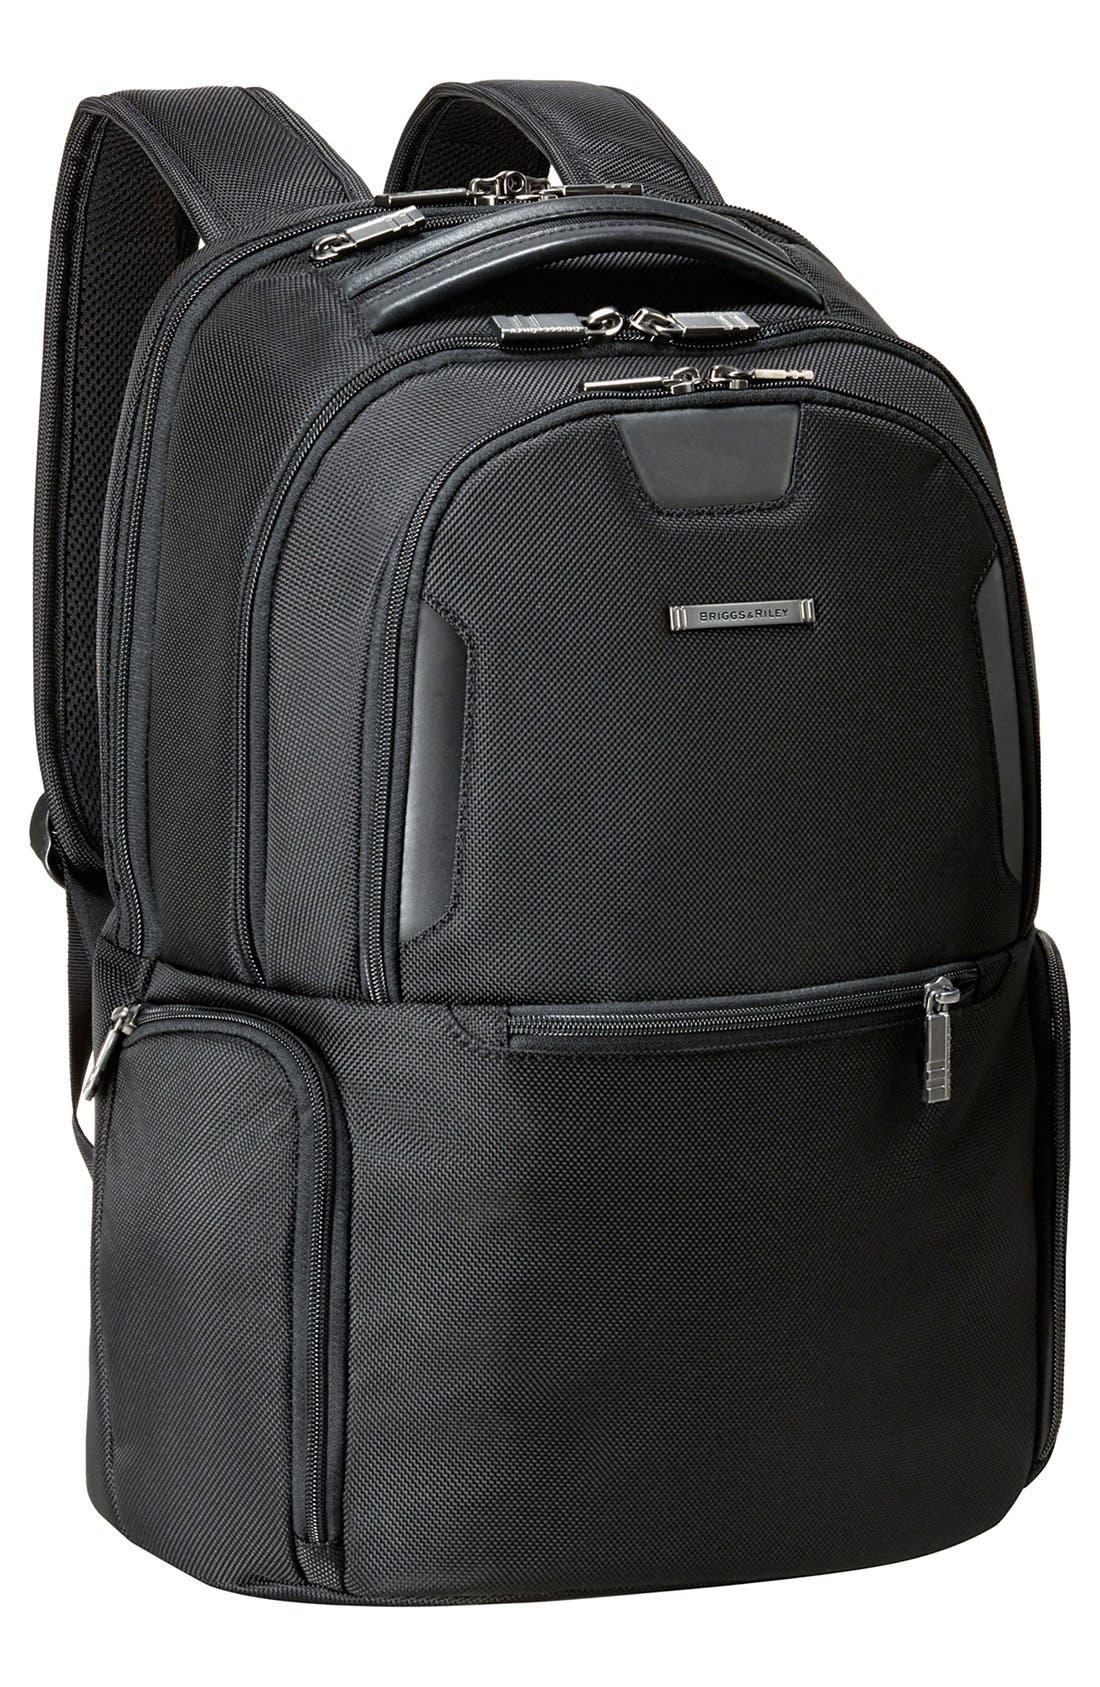 Alternate Image 3  - Briggs & Riley '@work - Medium' Backpack